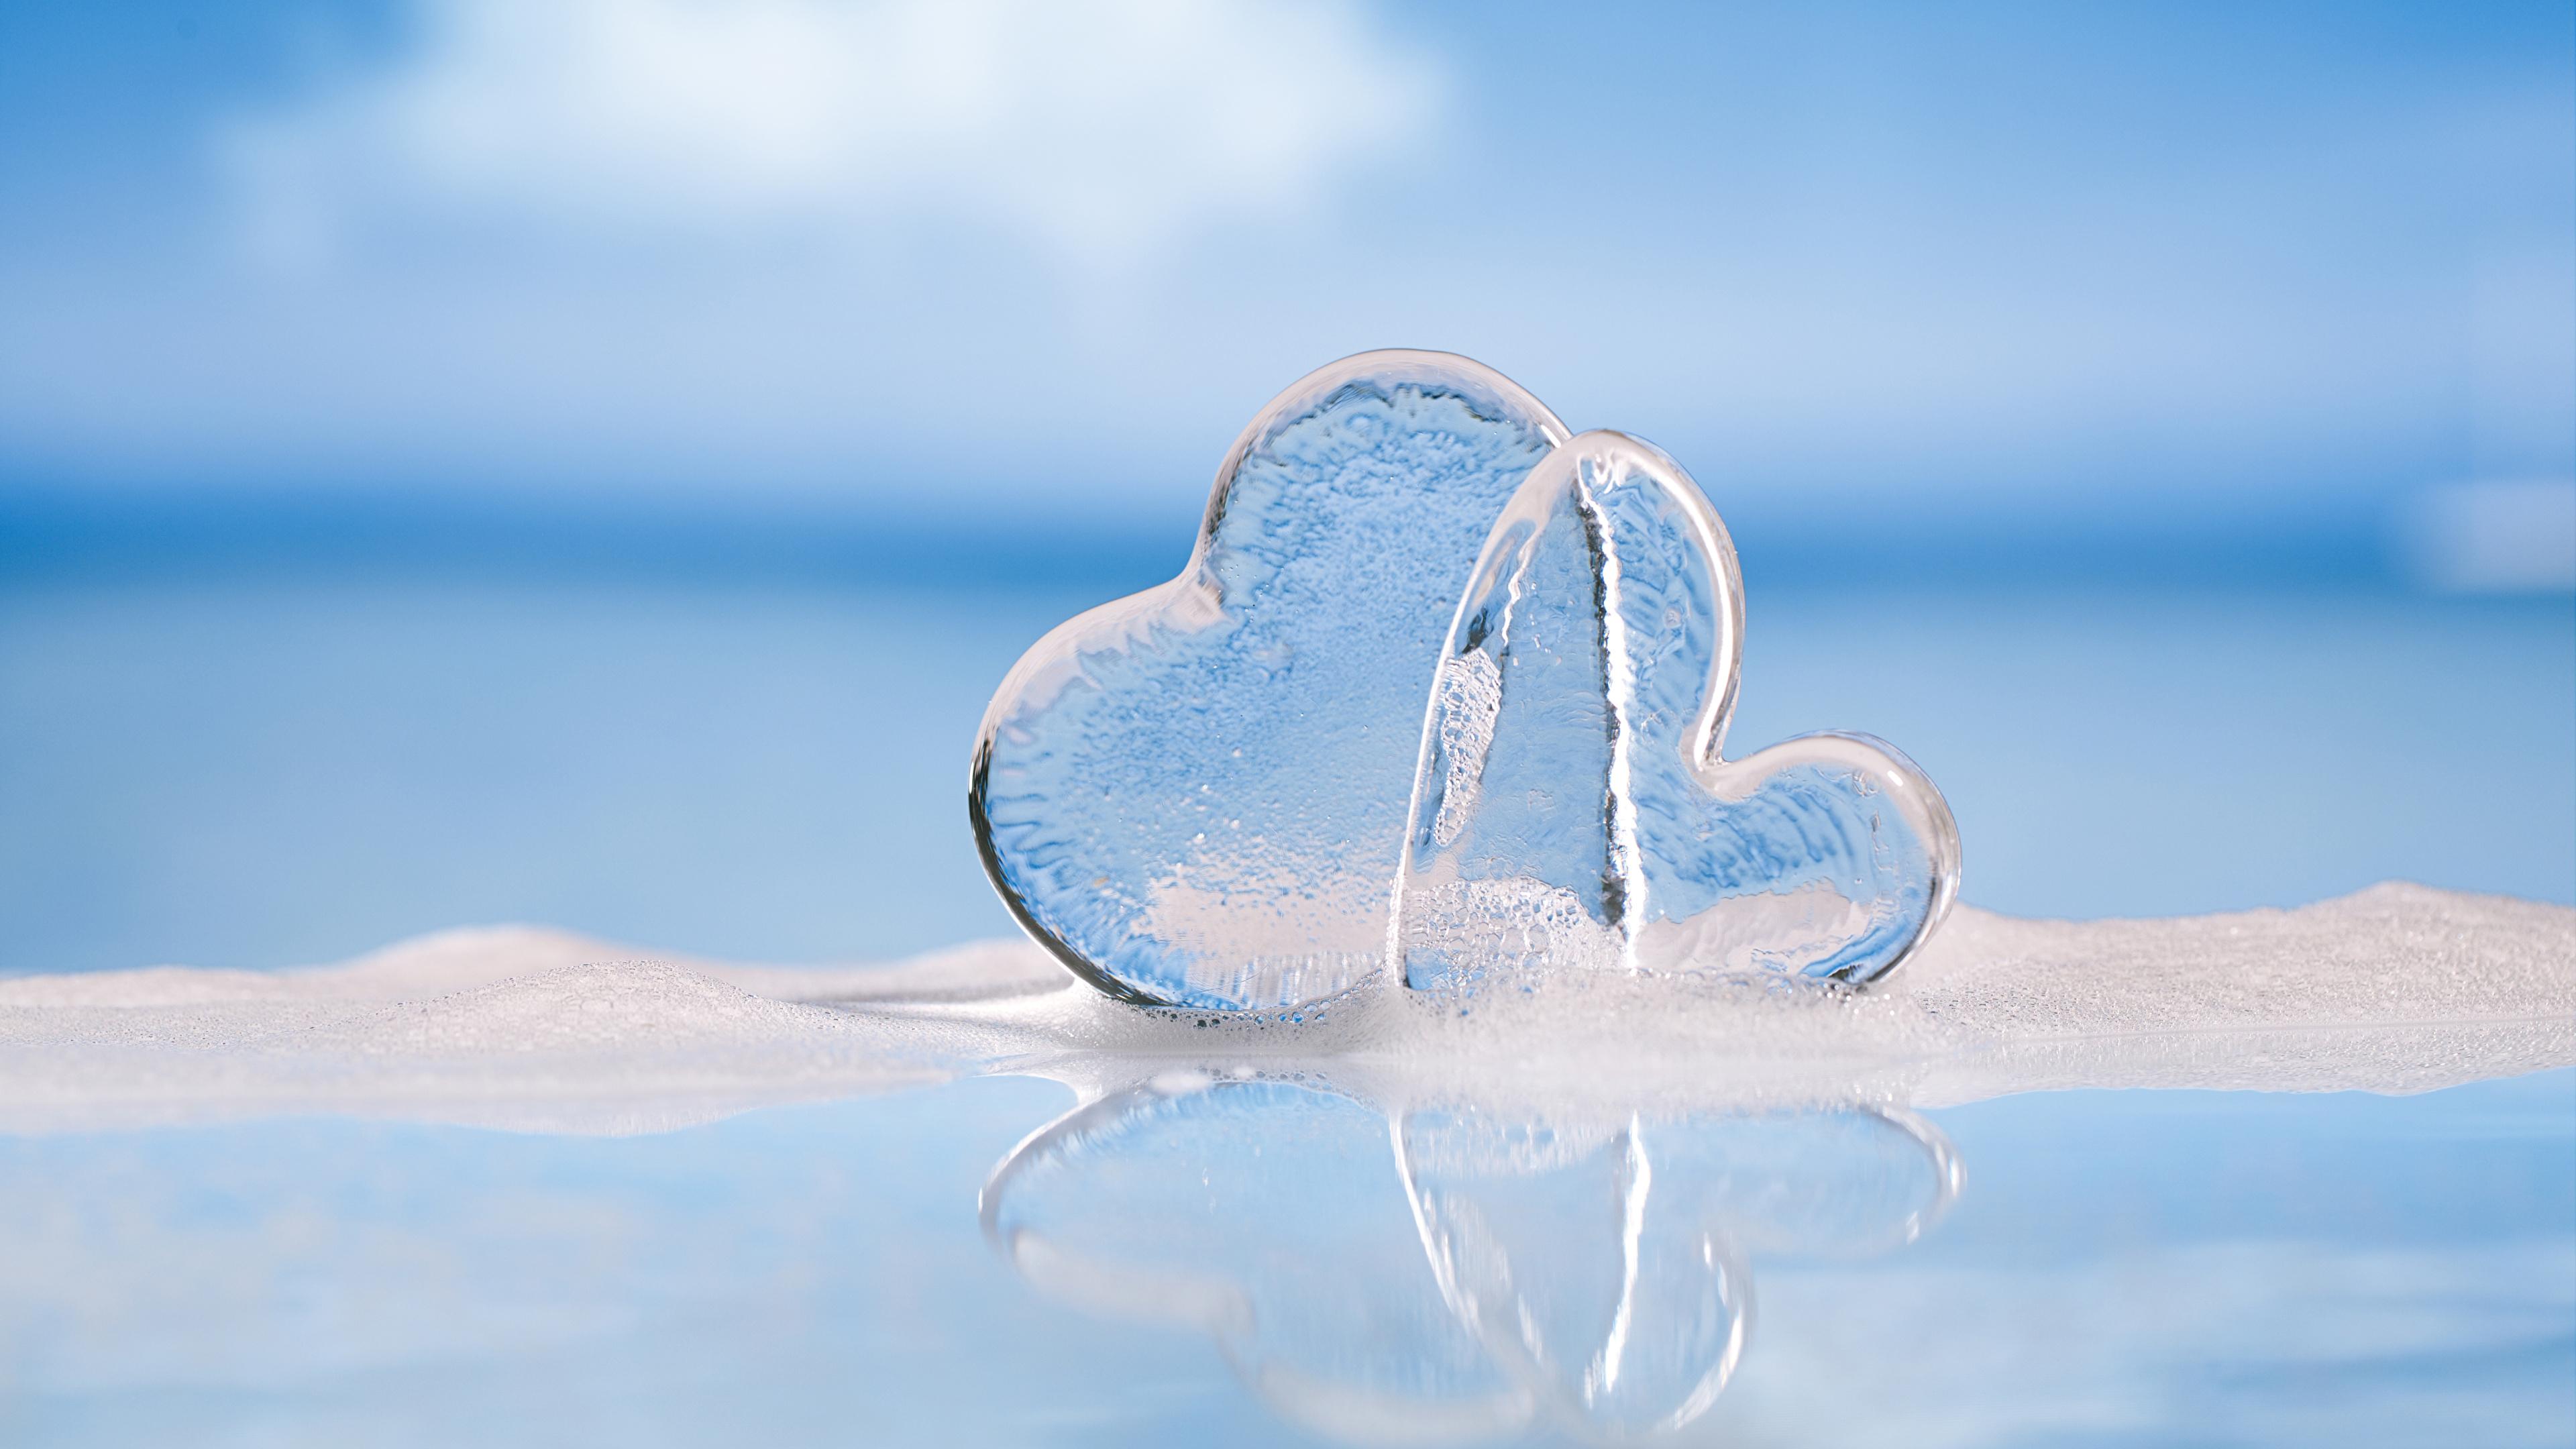 Fotos von Valentinstag Herz Eis 2 3840x2160 Zwei